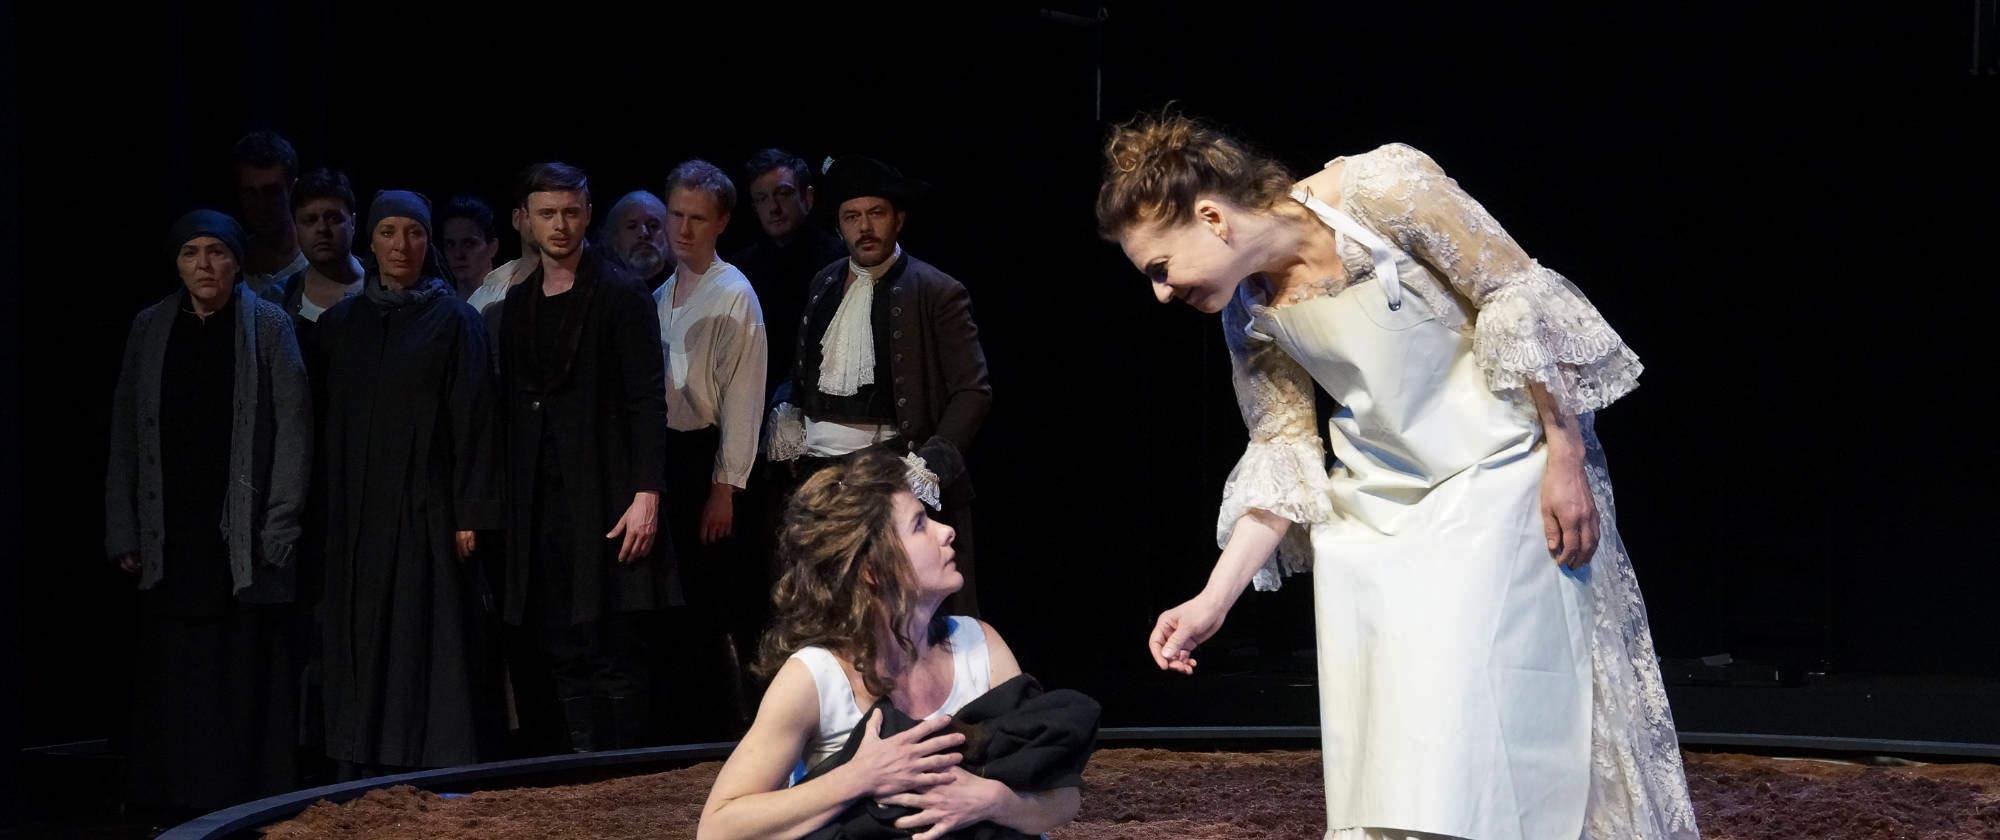 009-DIE-ELENDEN-nach-Victor-Hugo-Les-Miserables-von-Malte-Kreutzfeldt-Regie-c-photo-Olaf-Struck-Theater-Schauspielhaus-Kiel-2019